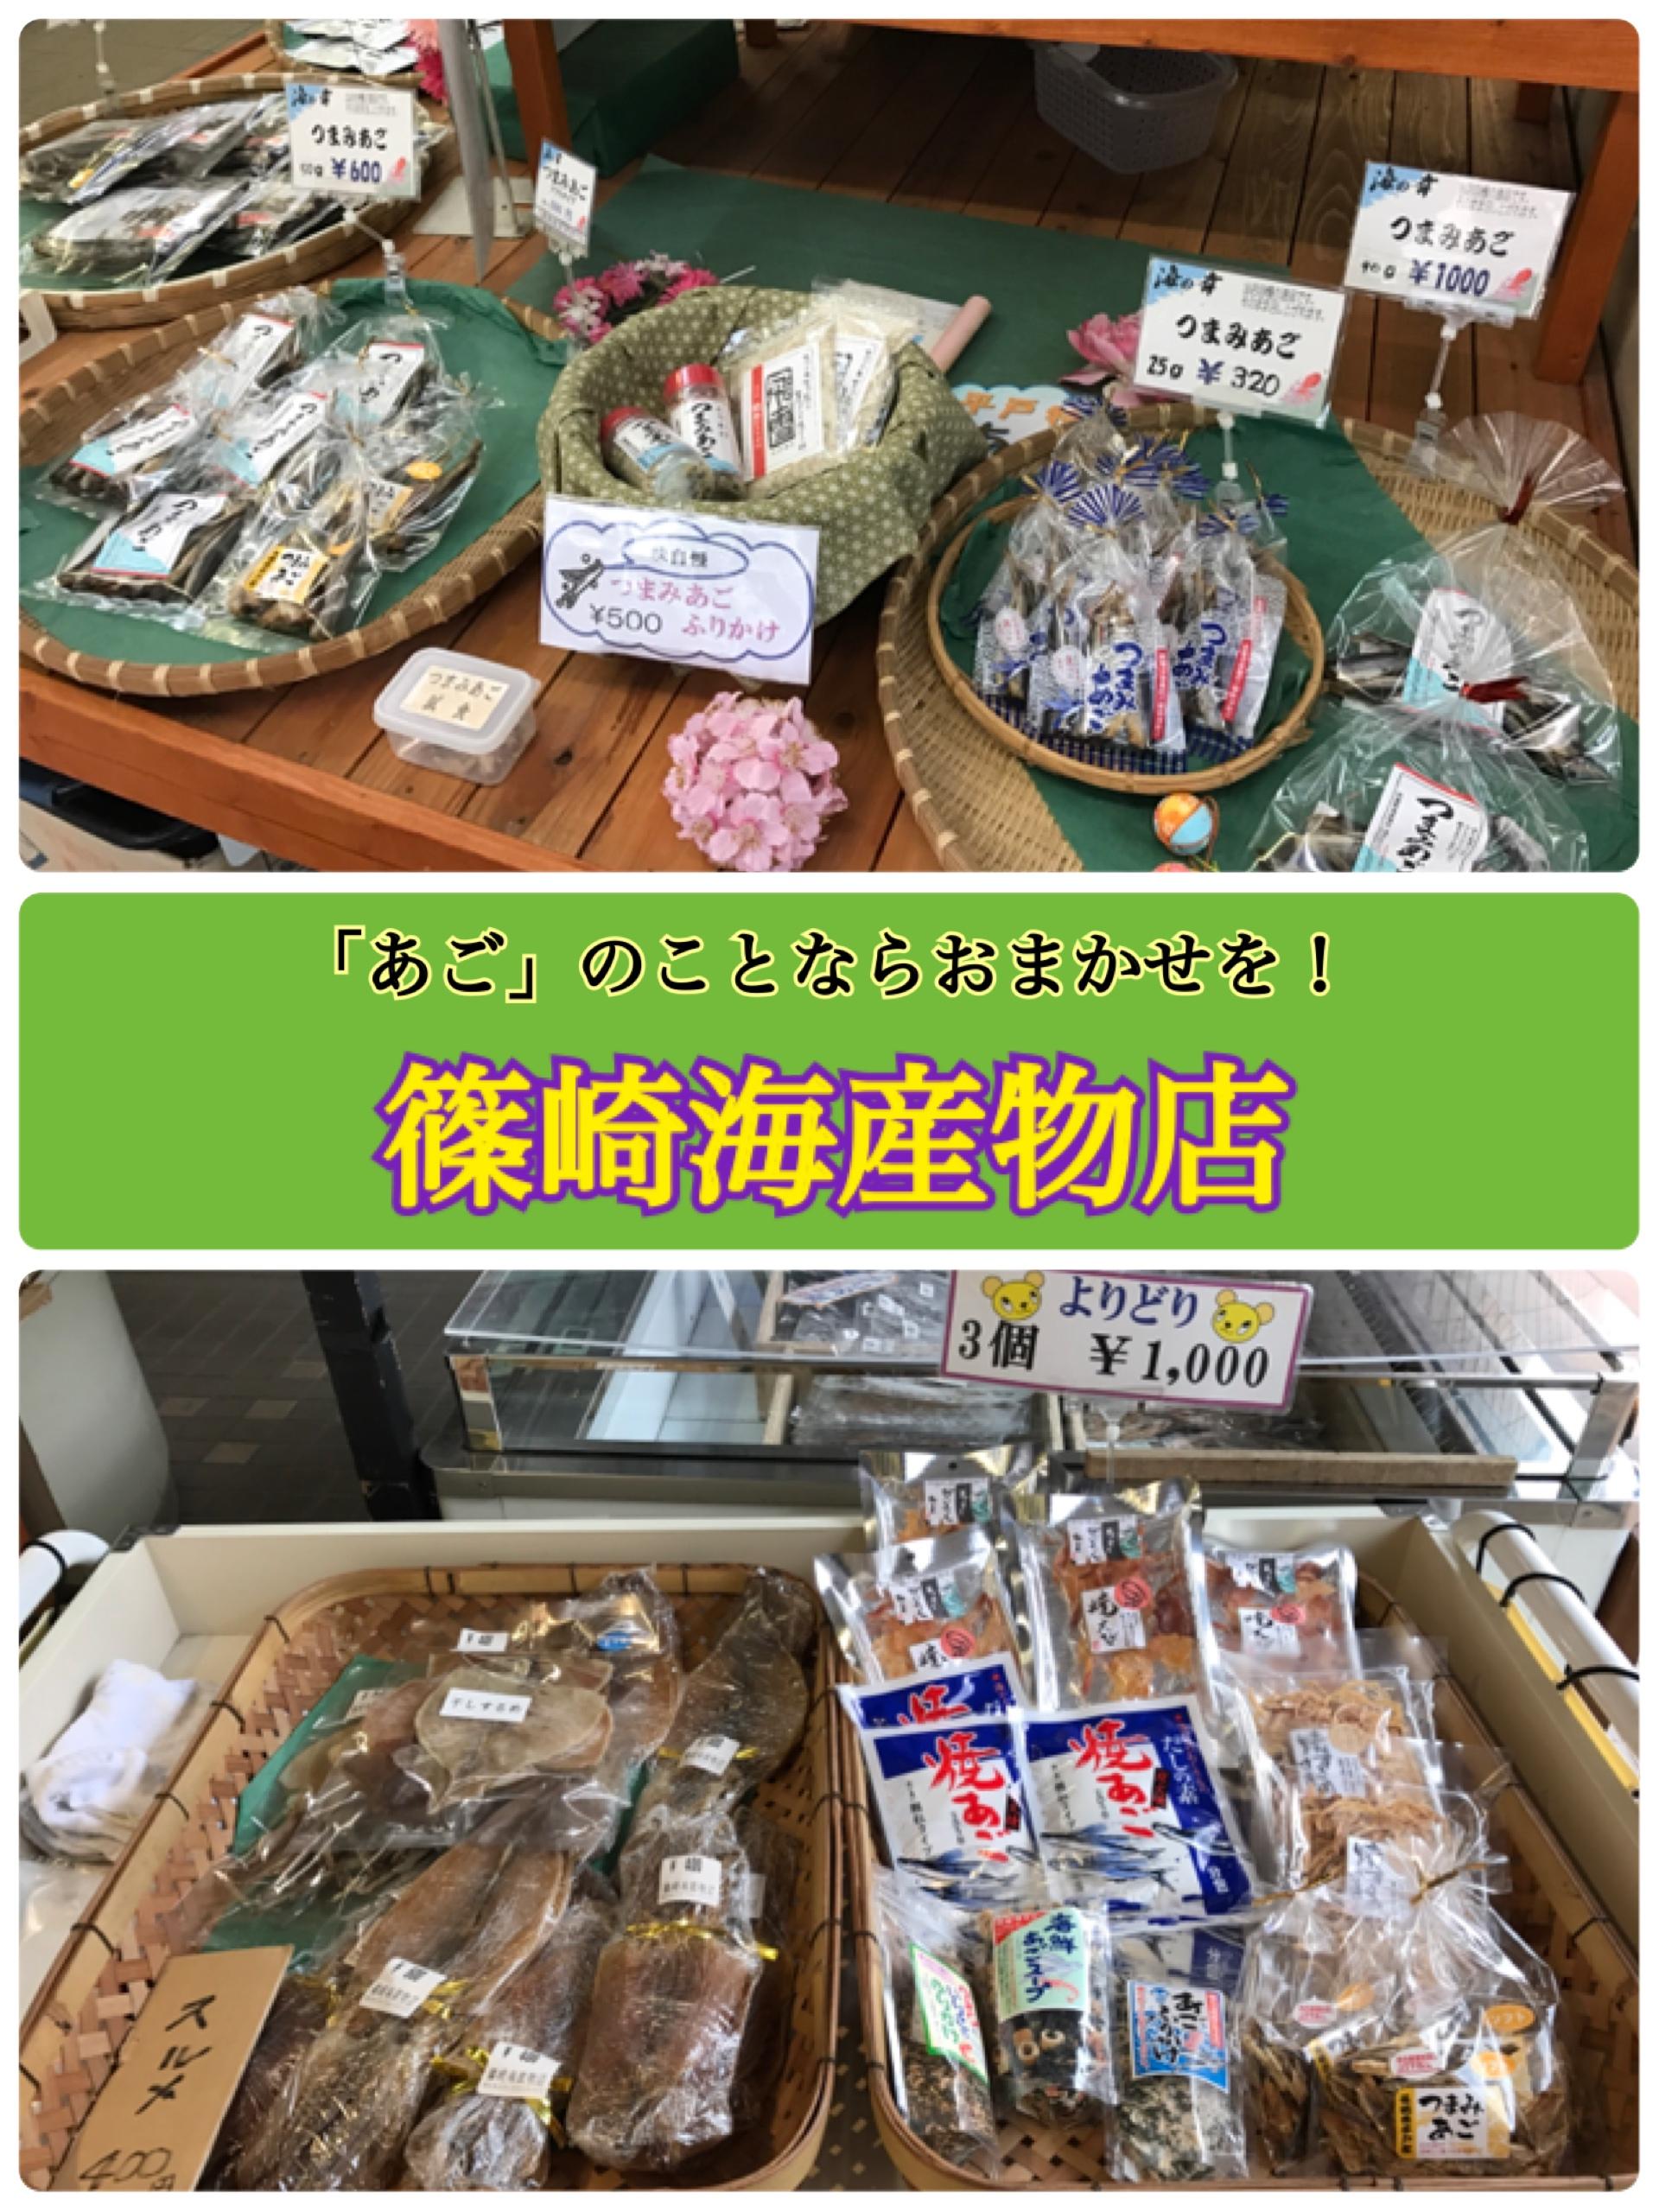 「あご」のことならおまかせを!篠崎海産物店です^^*